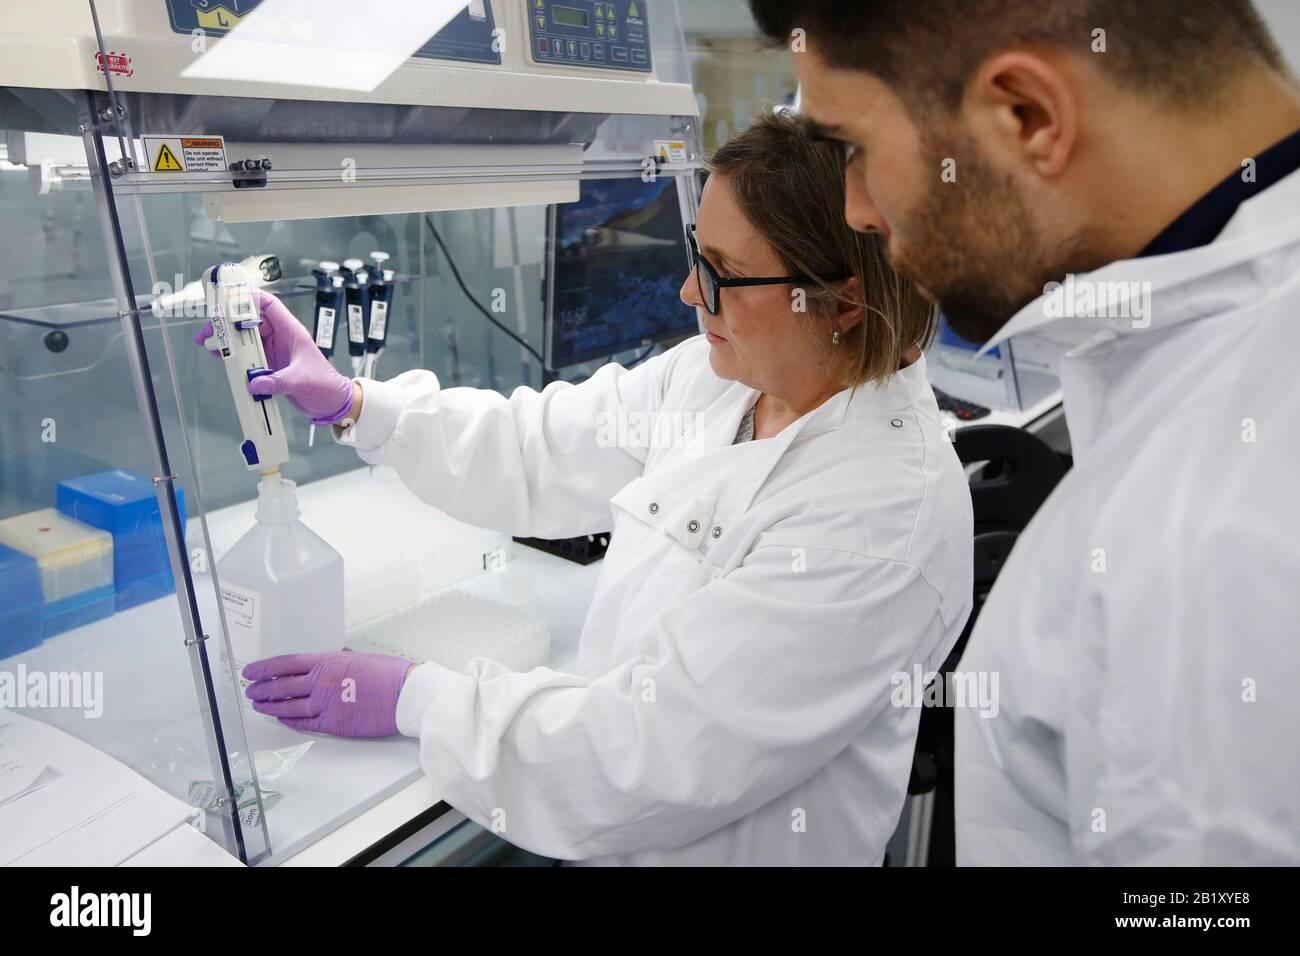 La técnico de producción Fiona Mooney y David Arancon, investigador asociado, dispensan los componentes del primer diseño Coronavirus COVID-19 dete Foto de stock